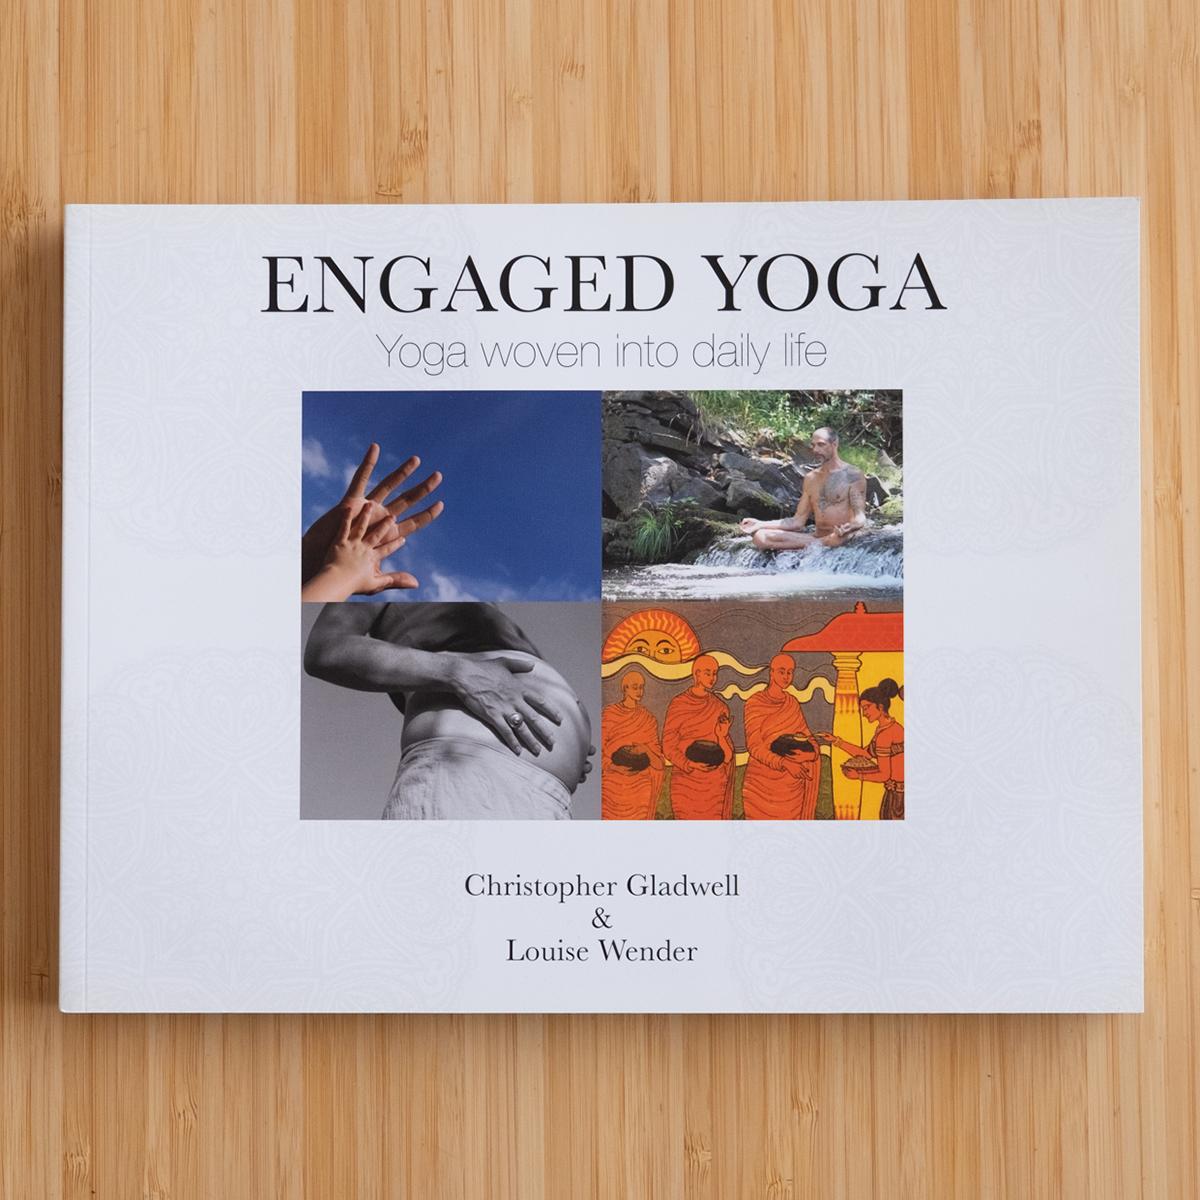 Engaged Yoga